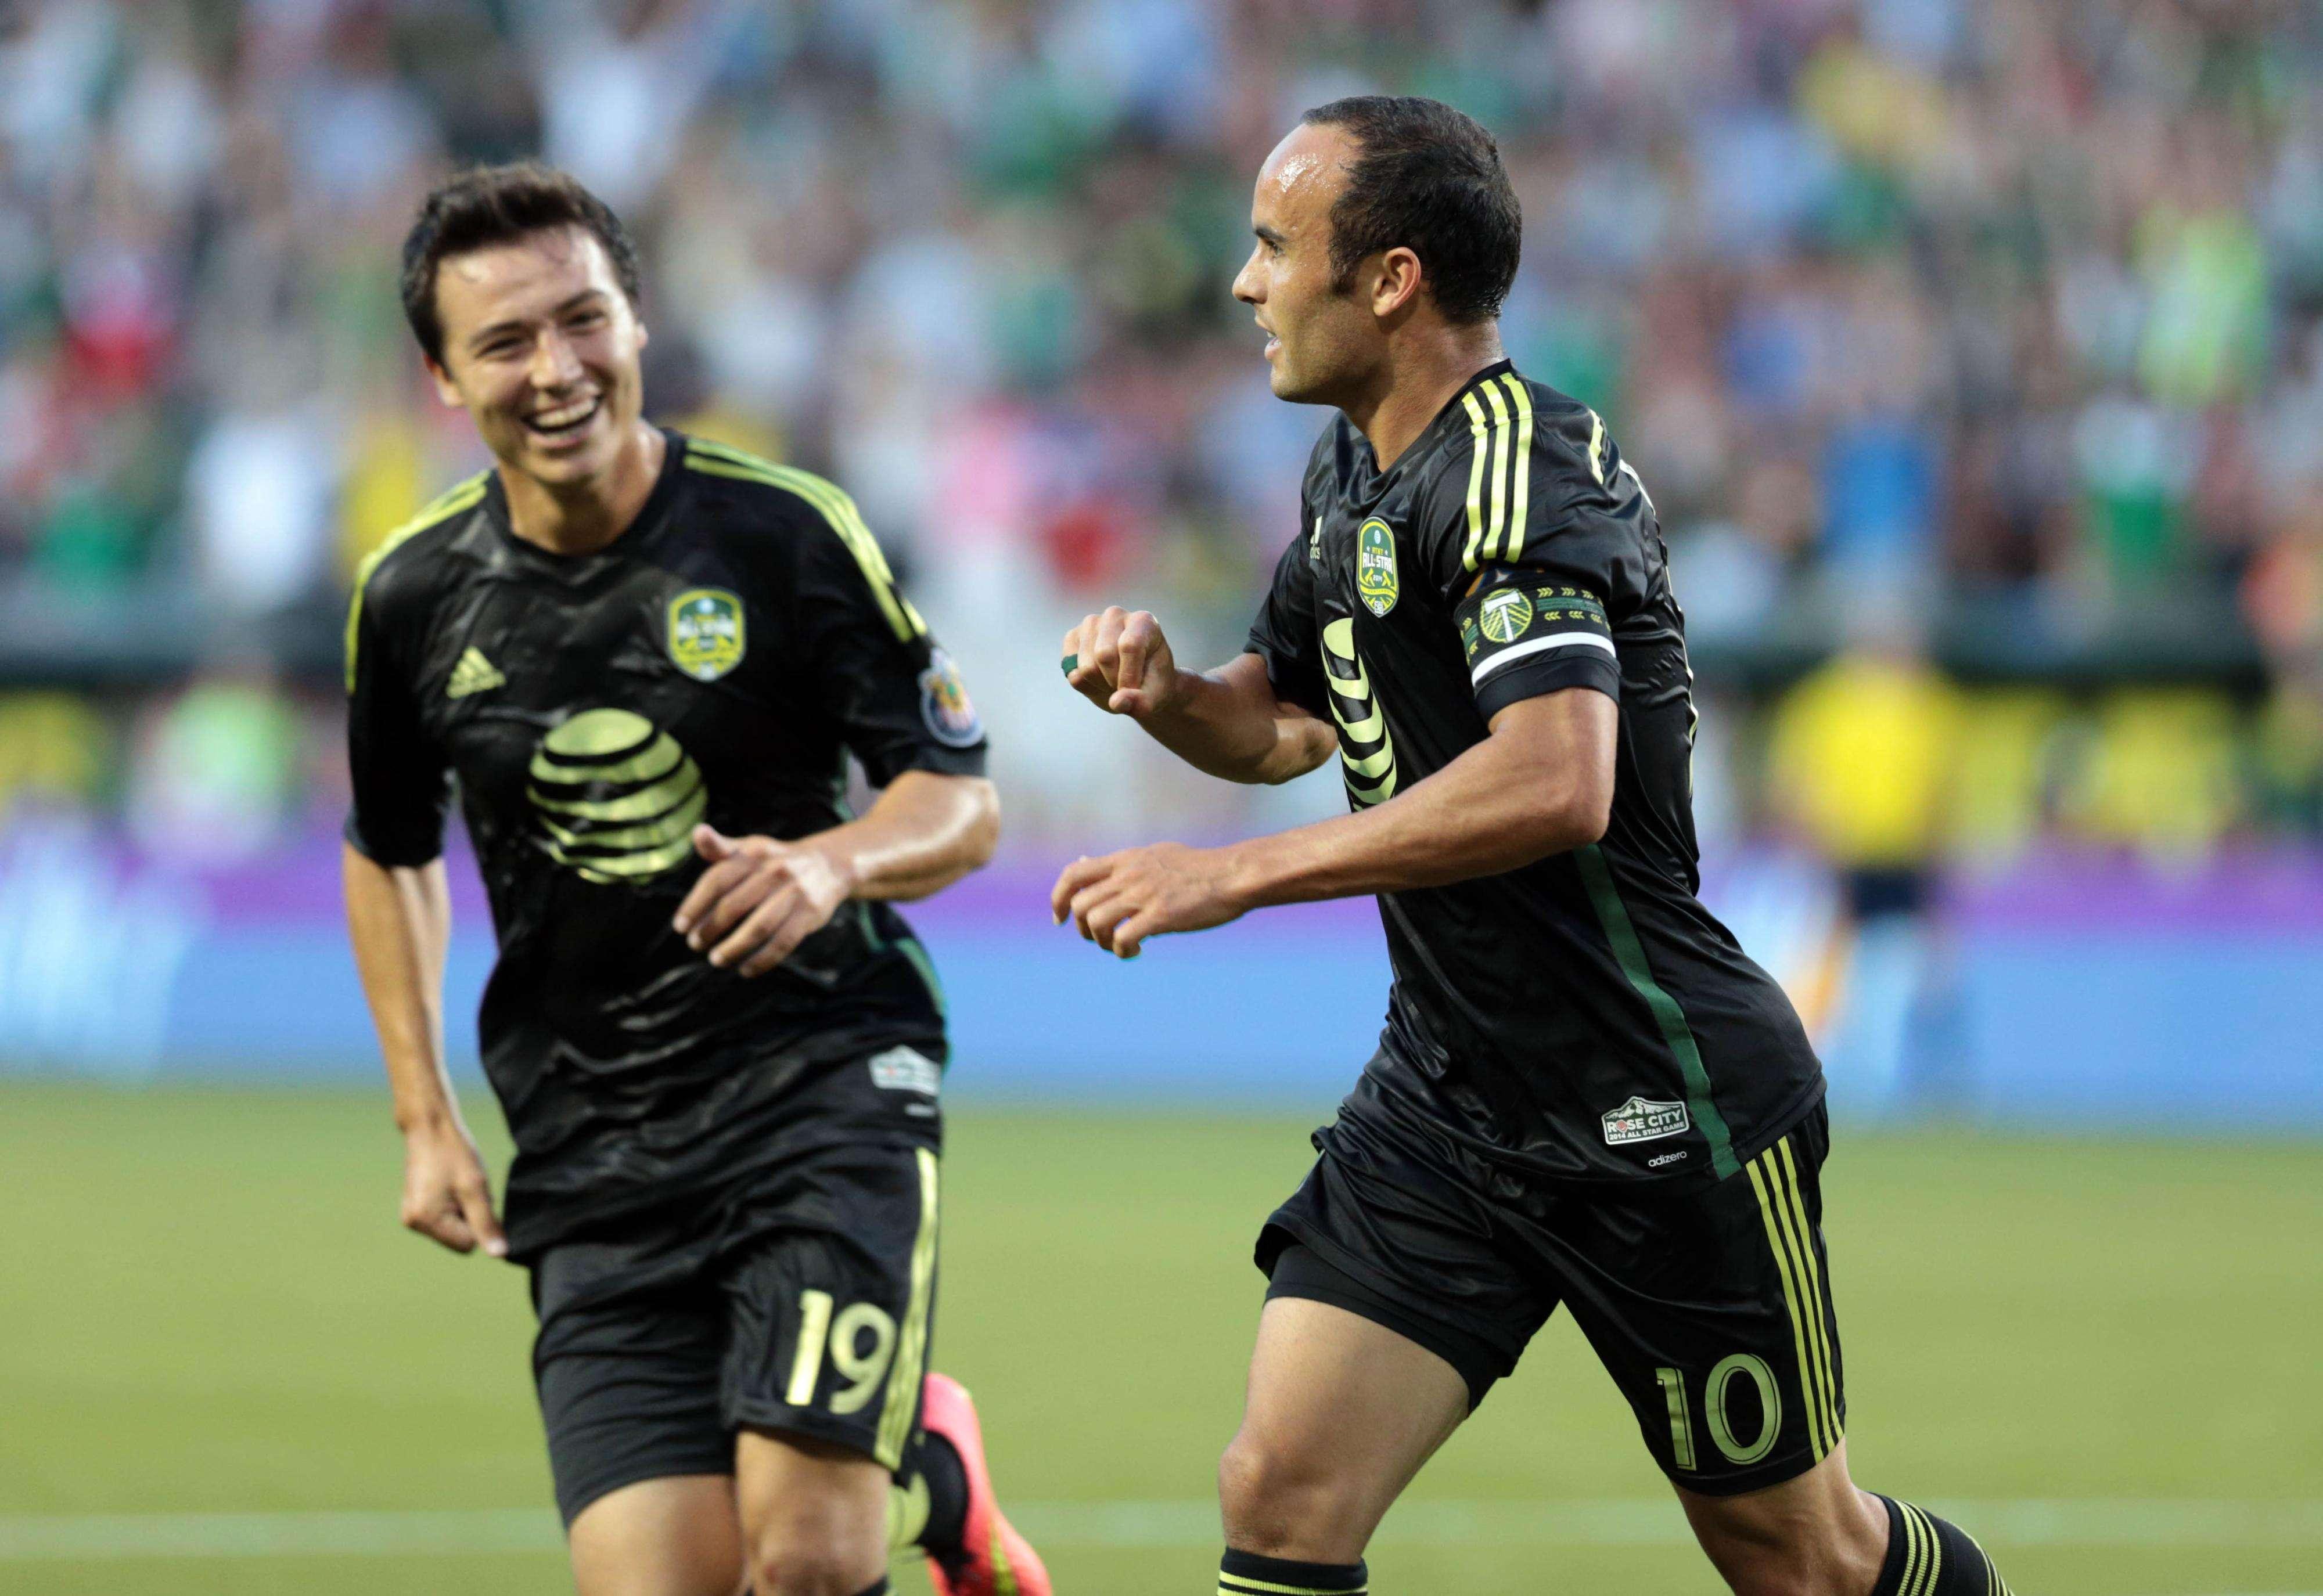 Donovan entró de cambio y fue un revulsivo para el equipo de la MLS. Foto: Reuters